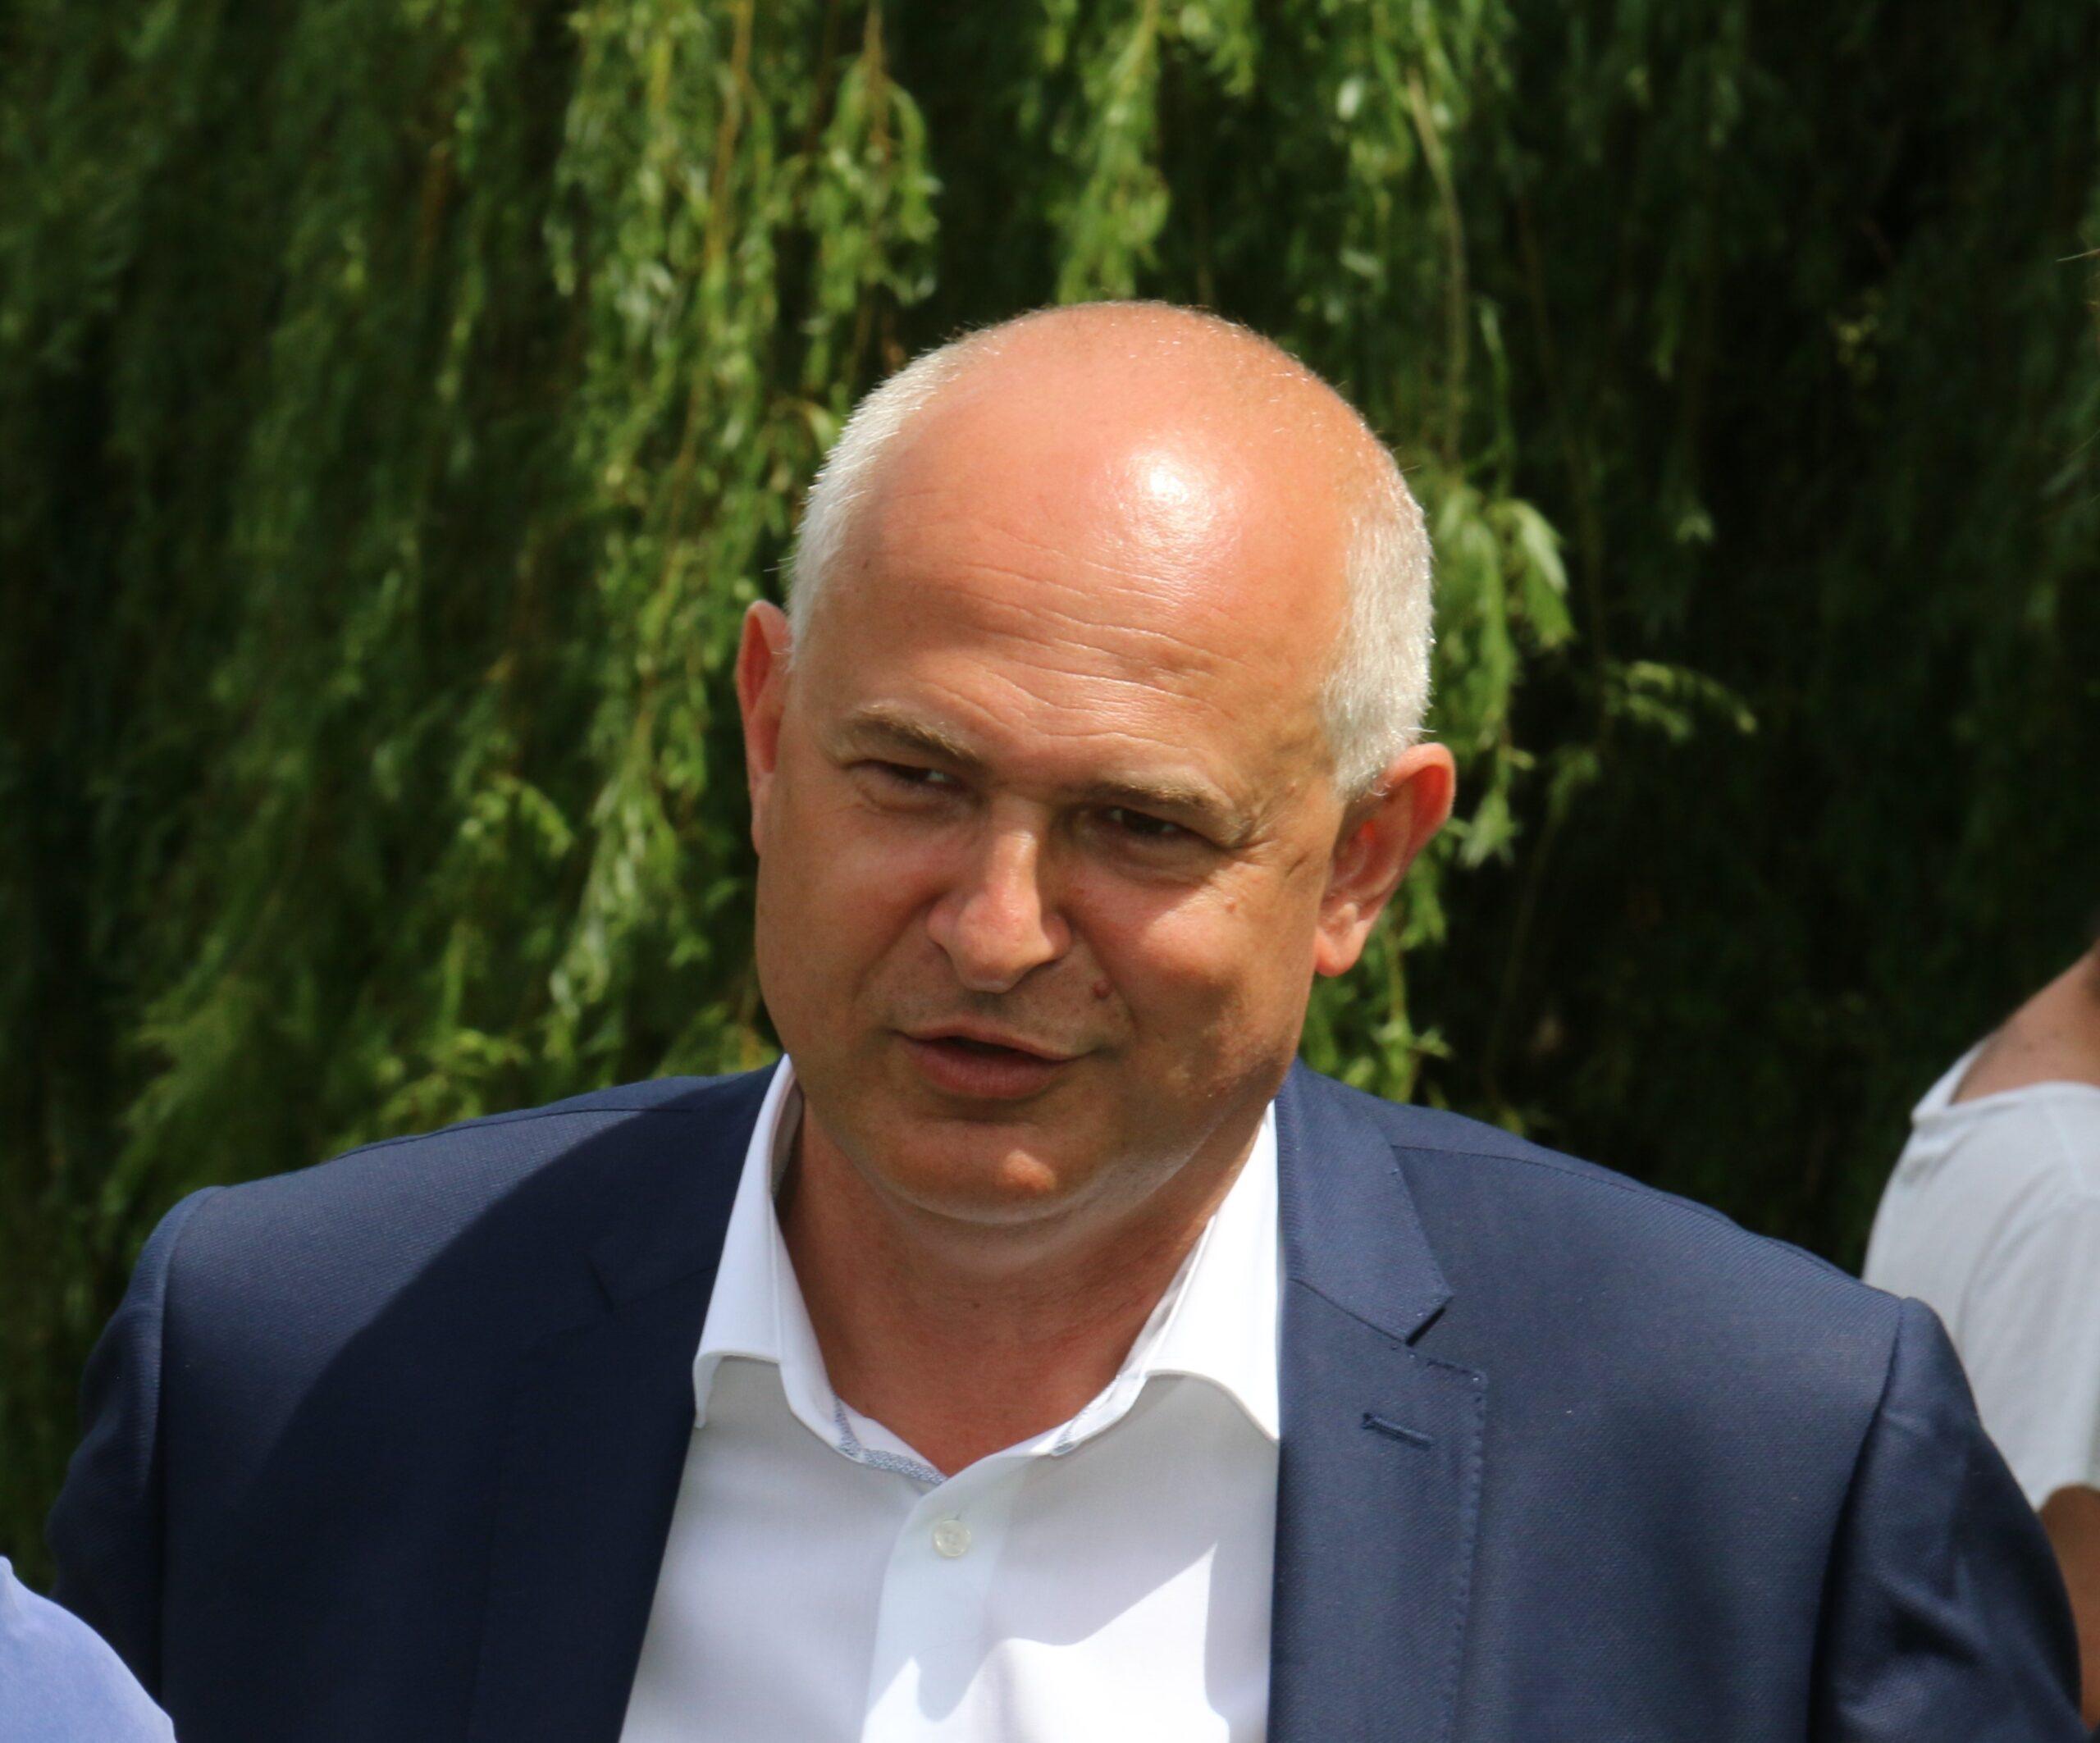 Laurent Pietraszewski, ex-DRH d'Auchan, est resté fidèle à son ancien employeur une fois devenu député